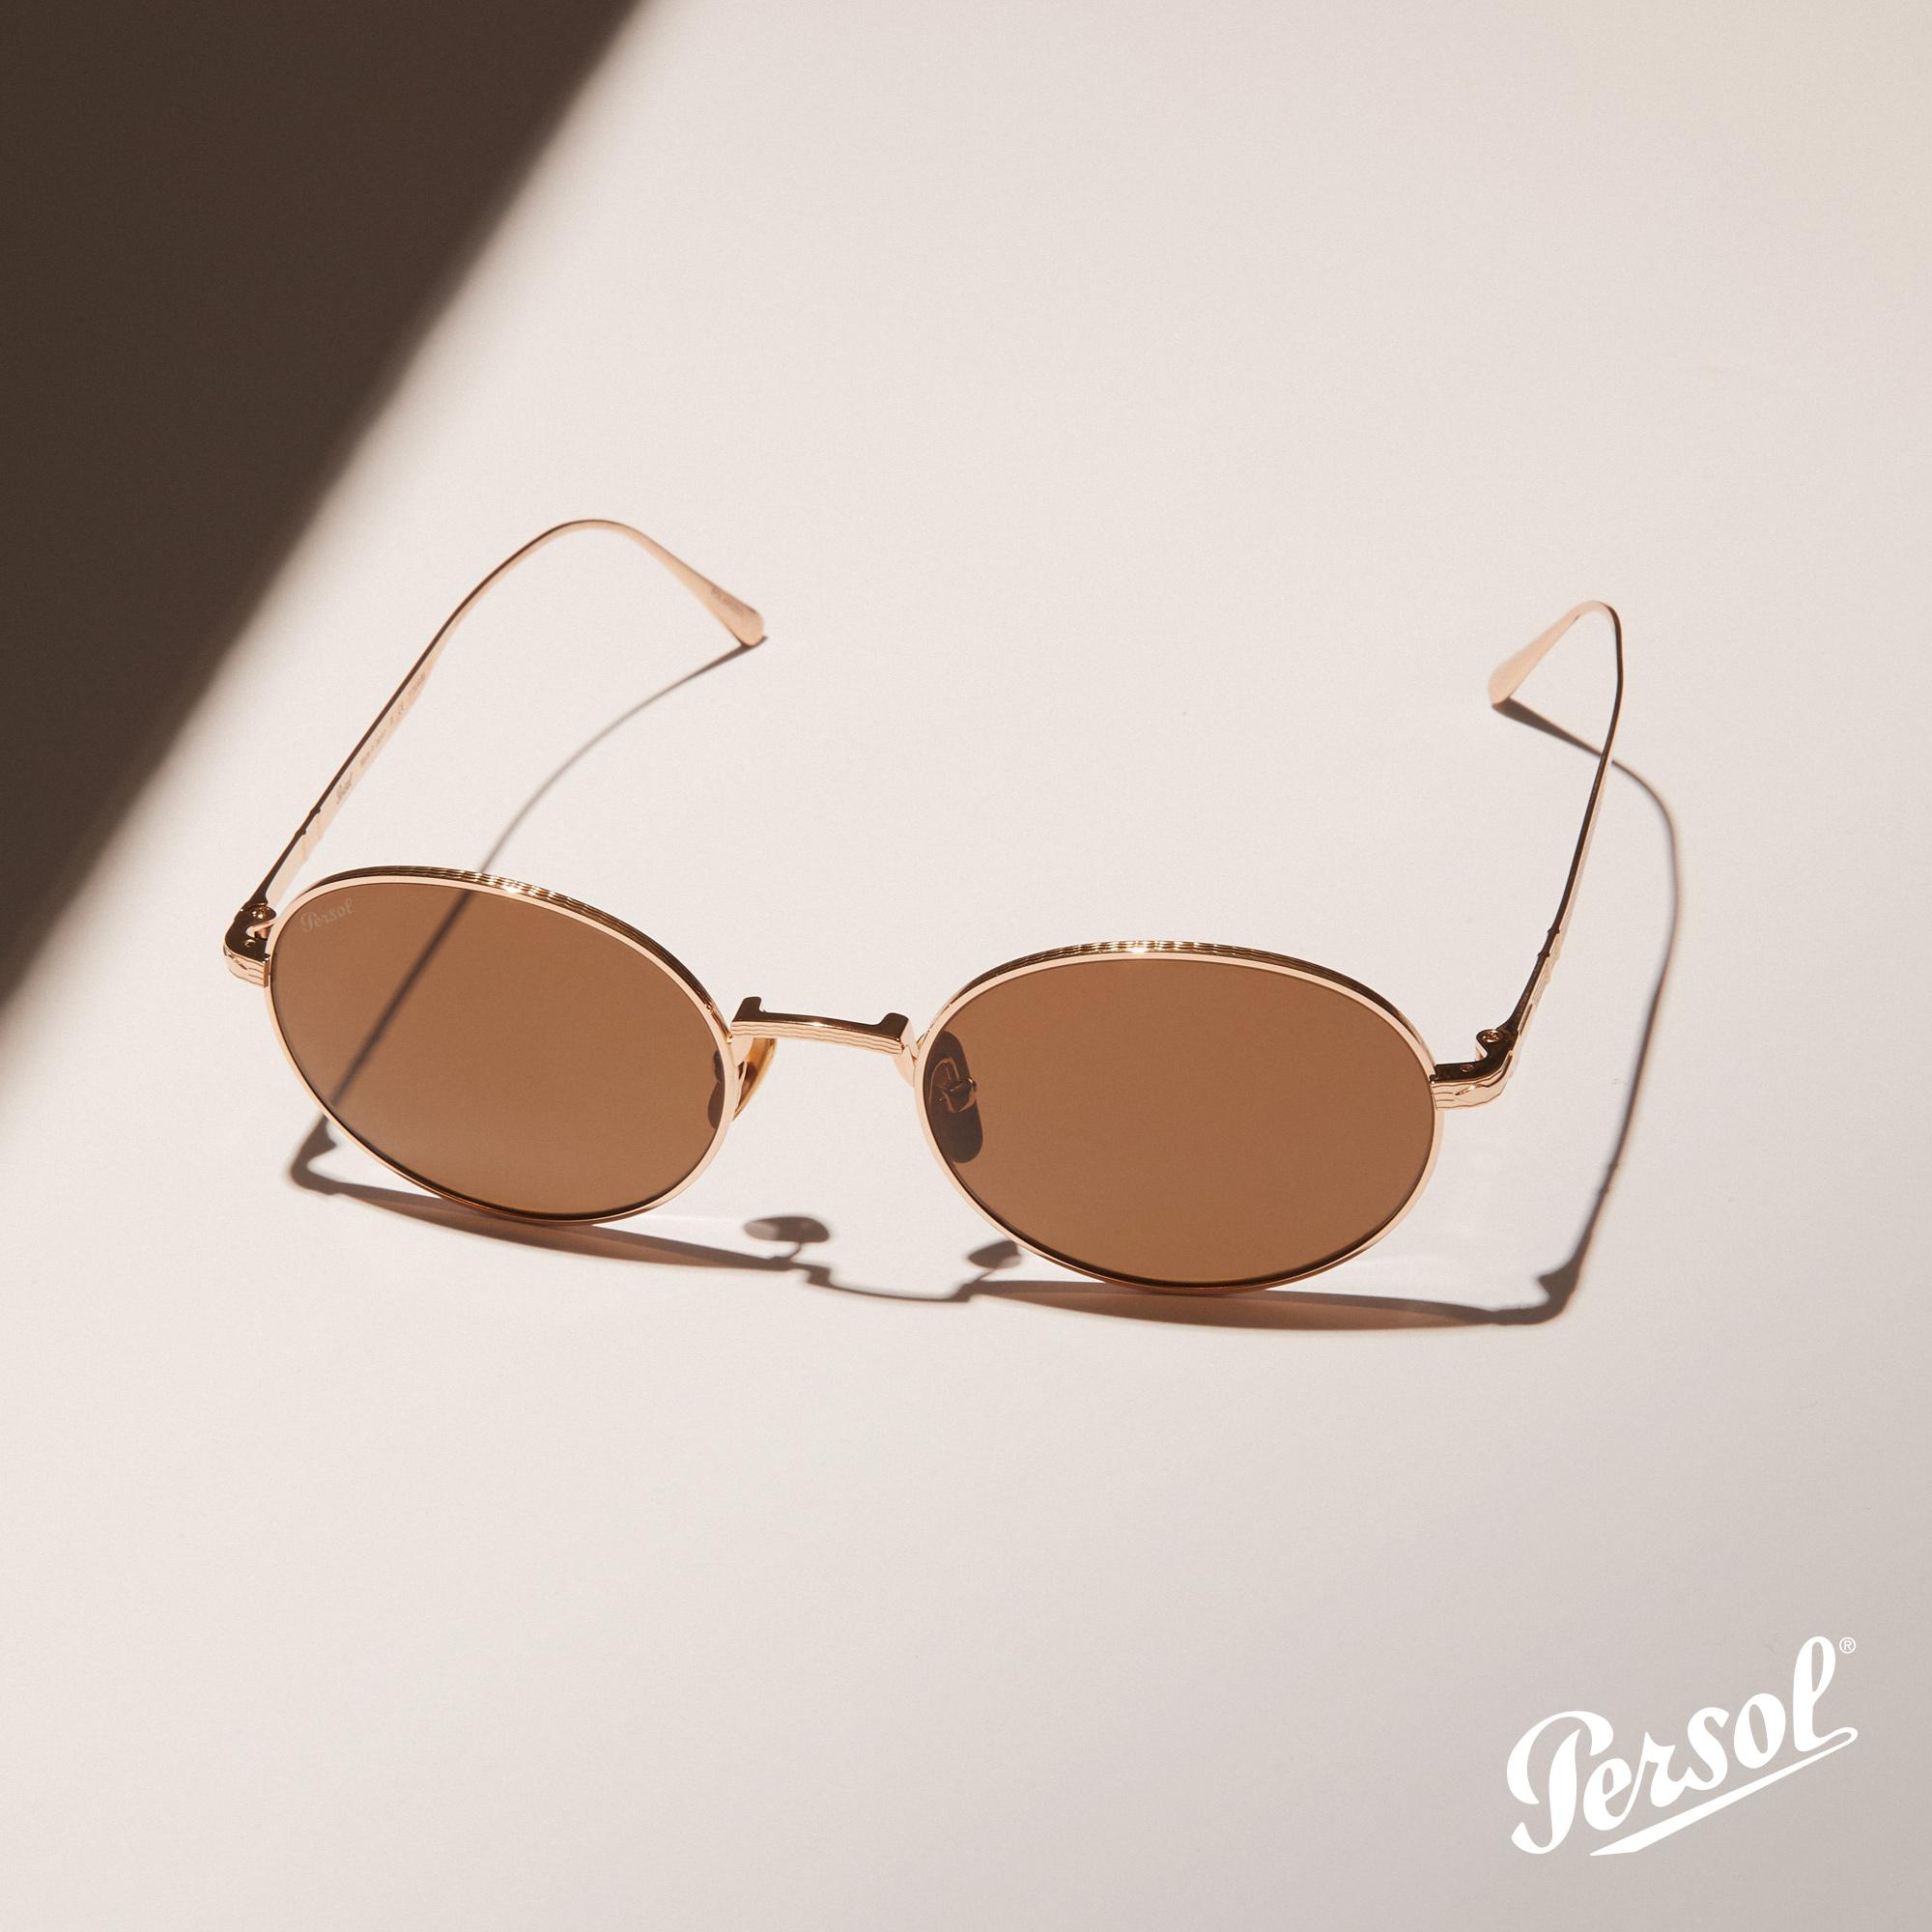 Persol -Óculo de Sol Gold Round - Pitosga Óptica